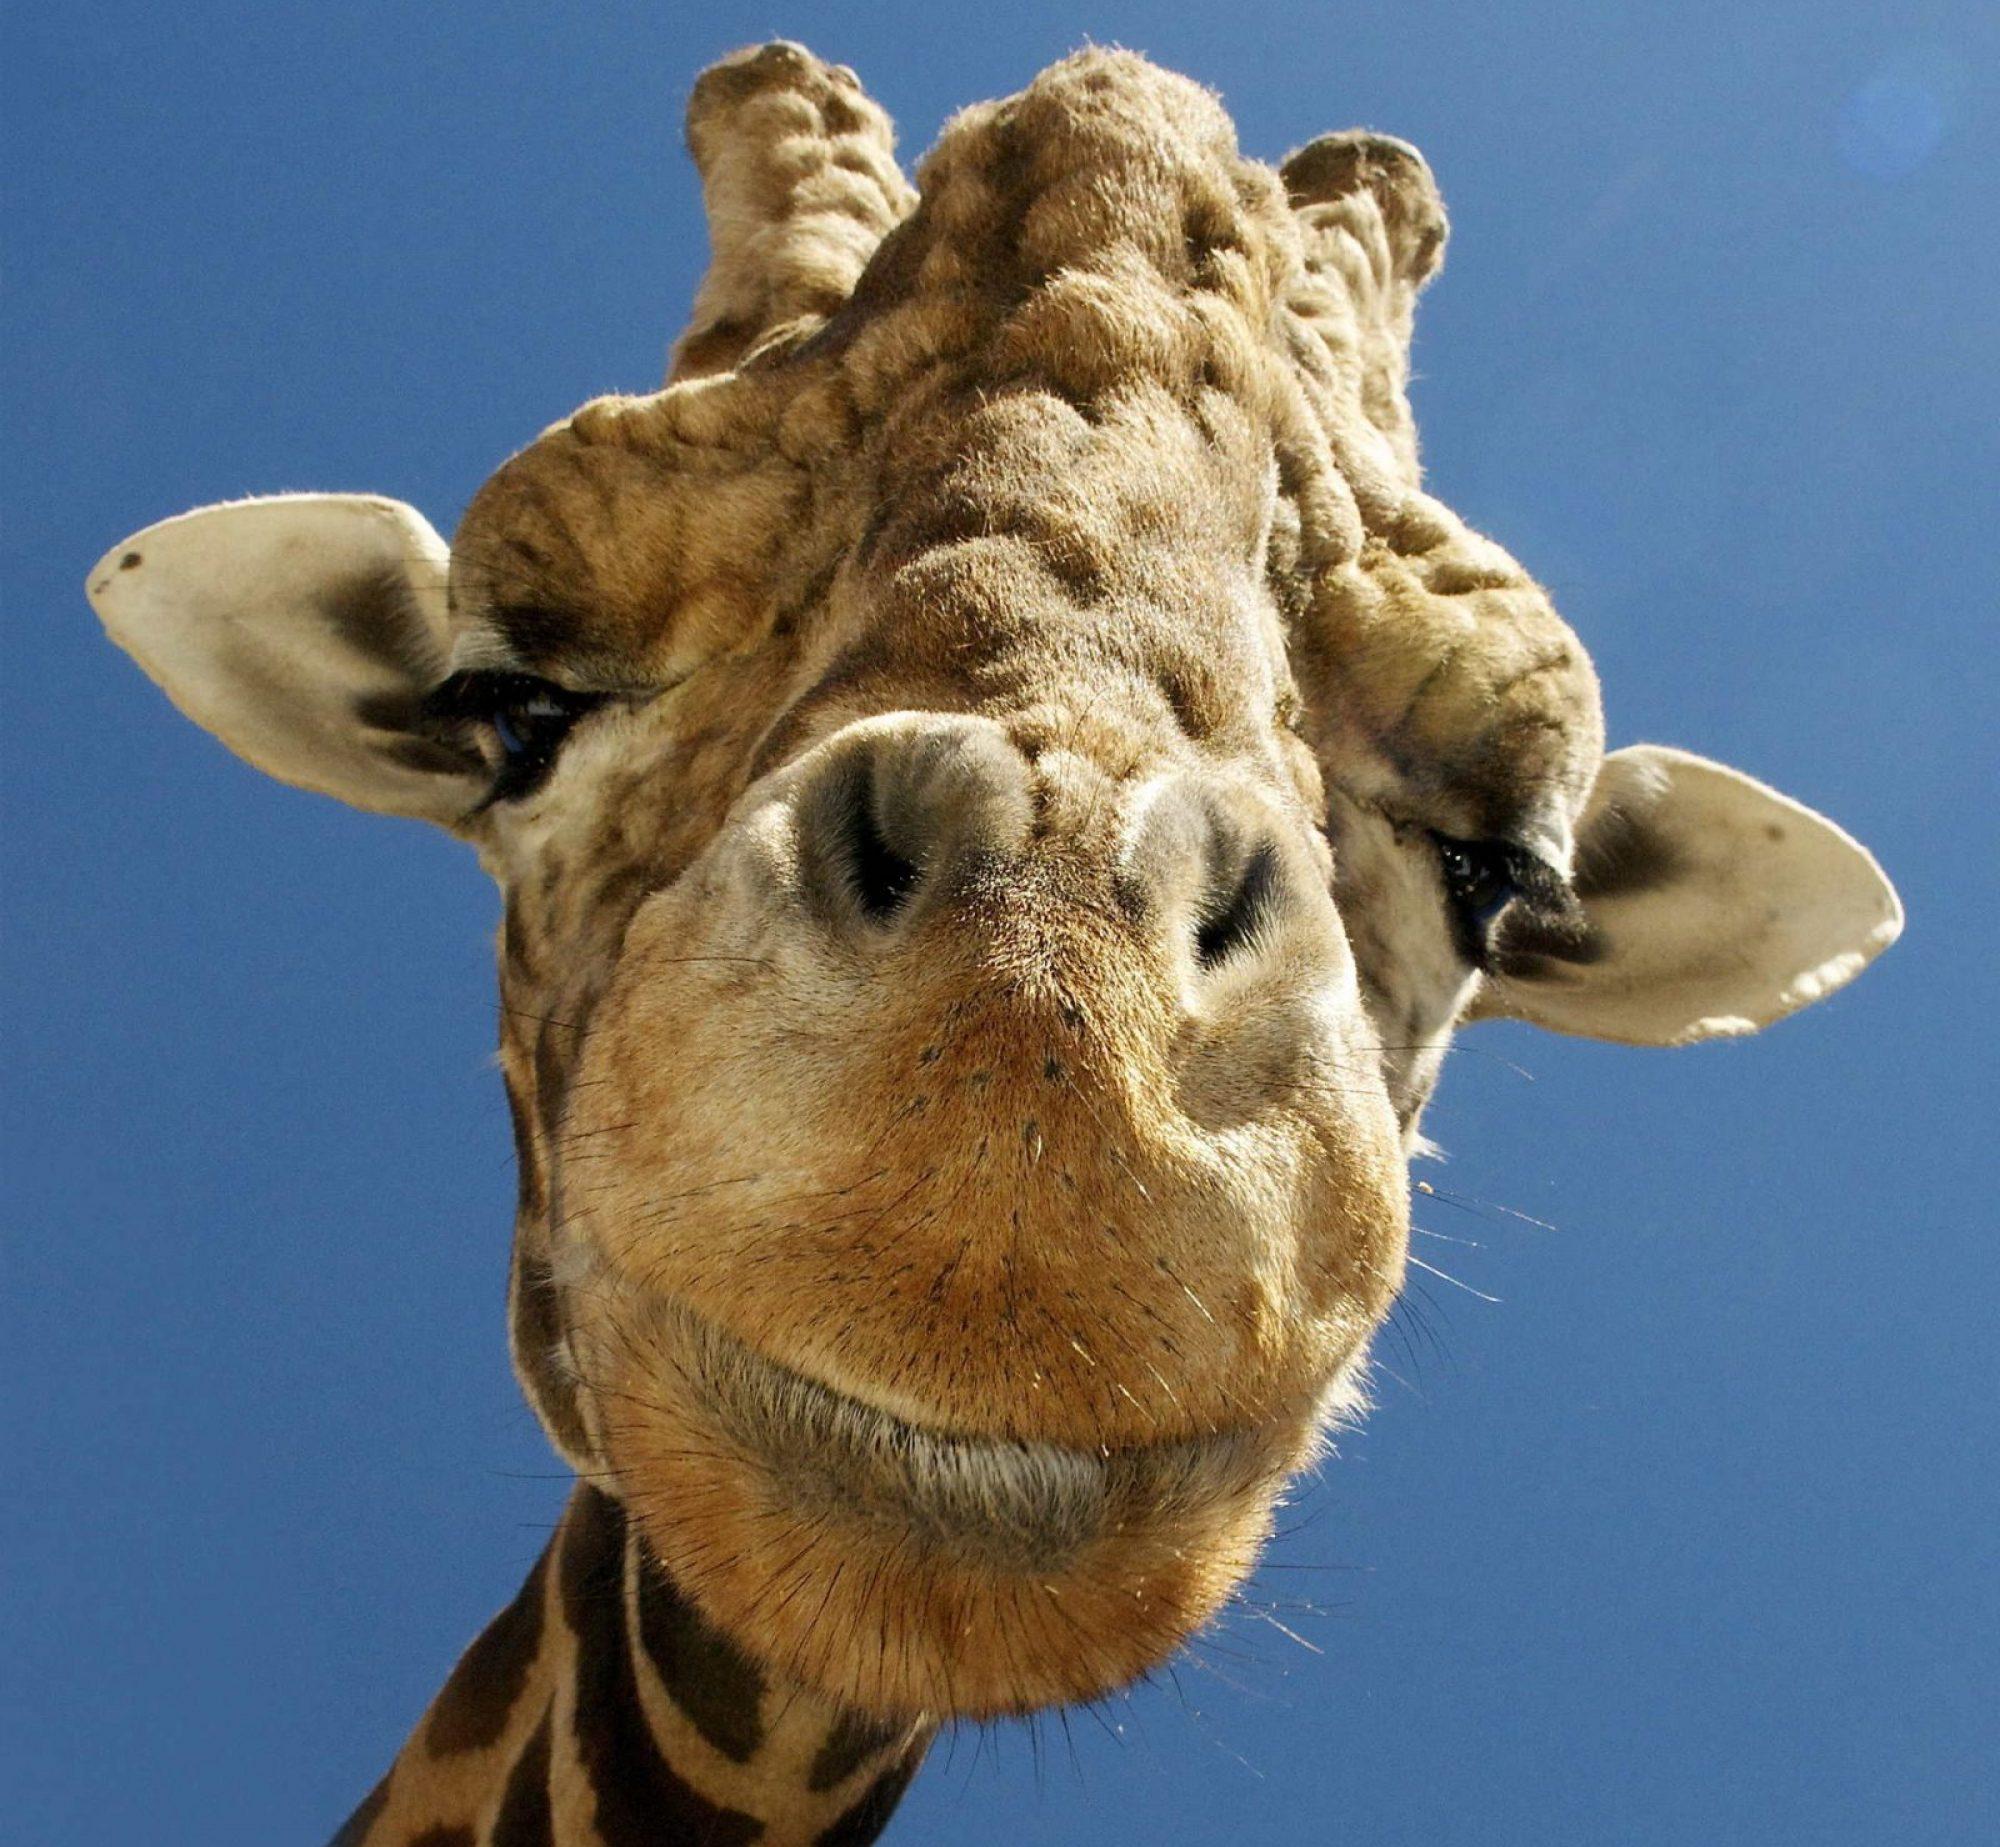 GiraffeIT